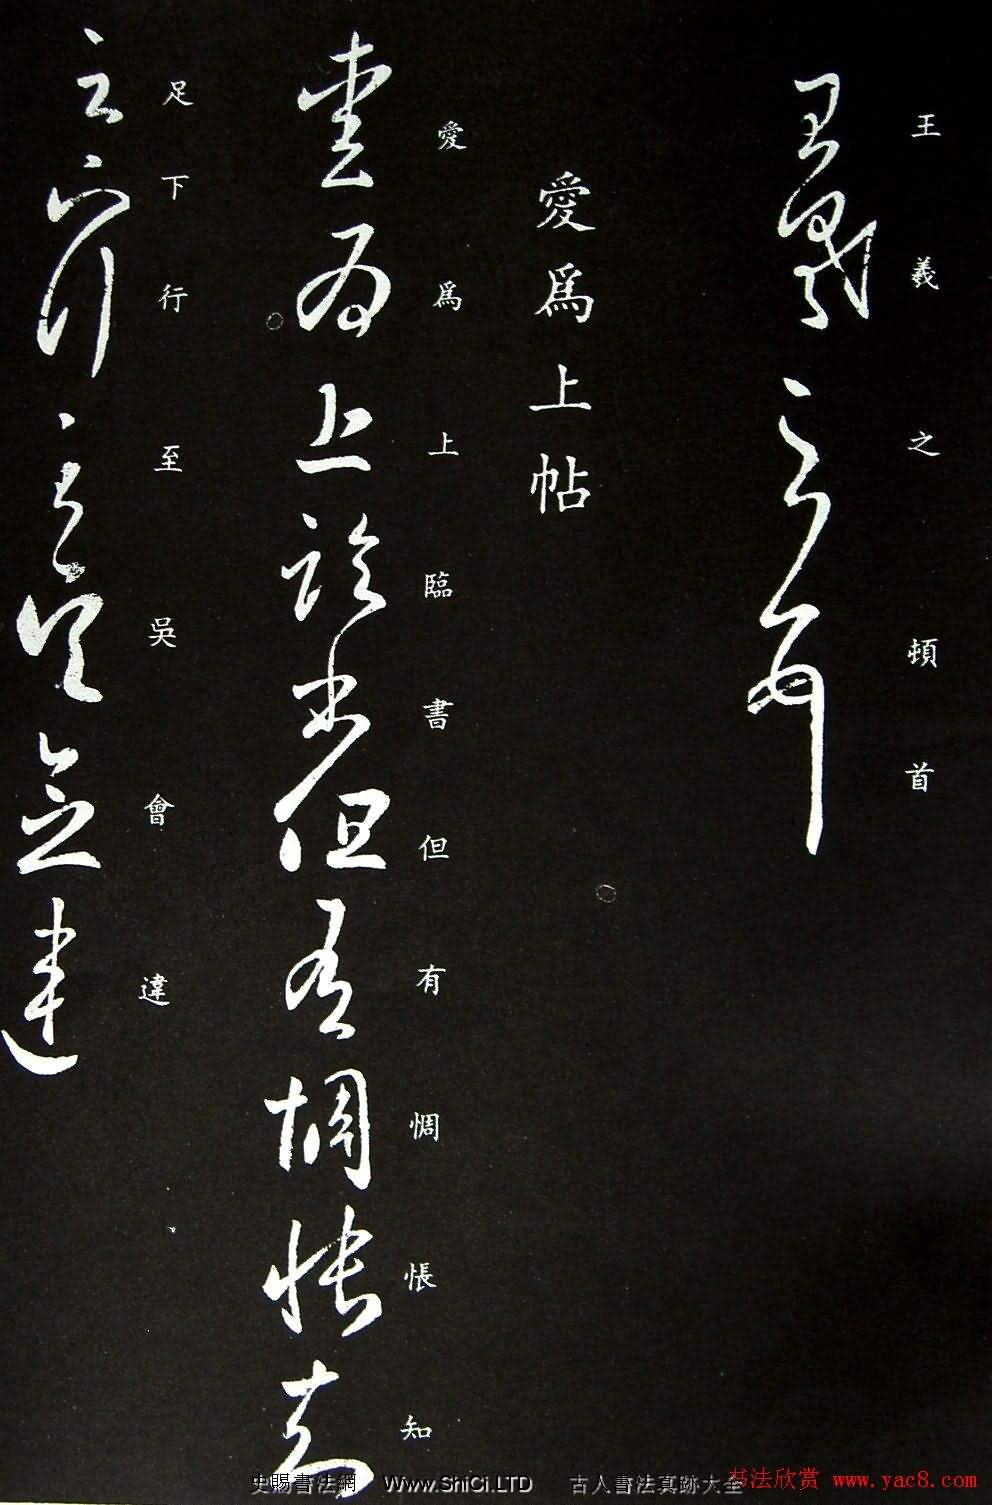 王羲之草書欣賞《蒸濕帖》+《愛為上帖》